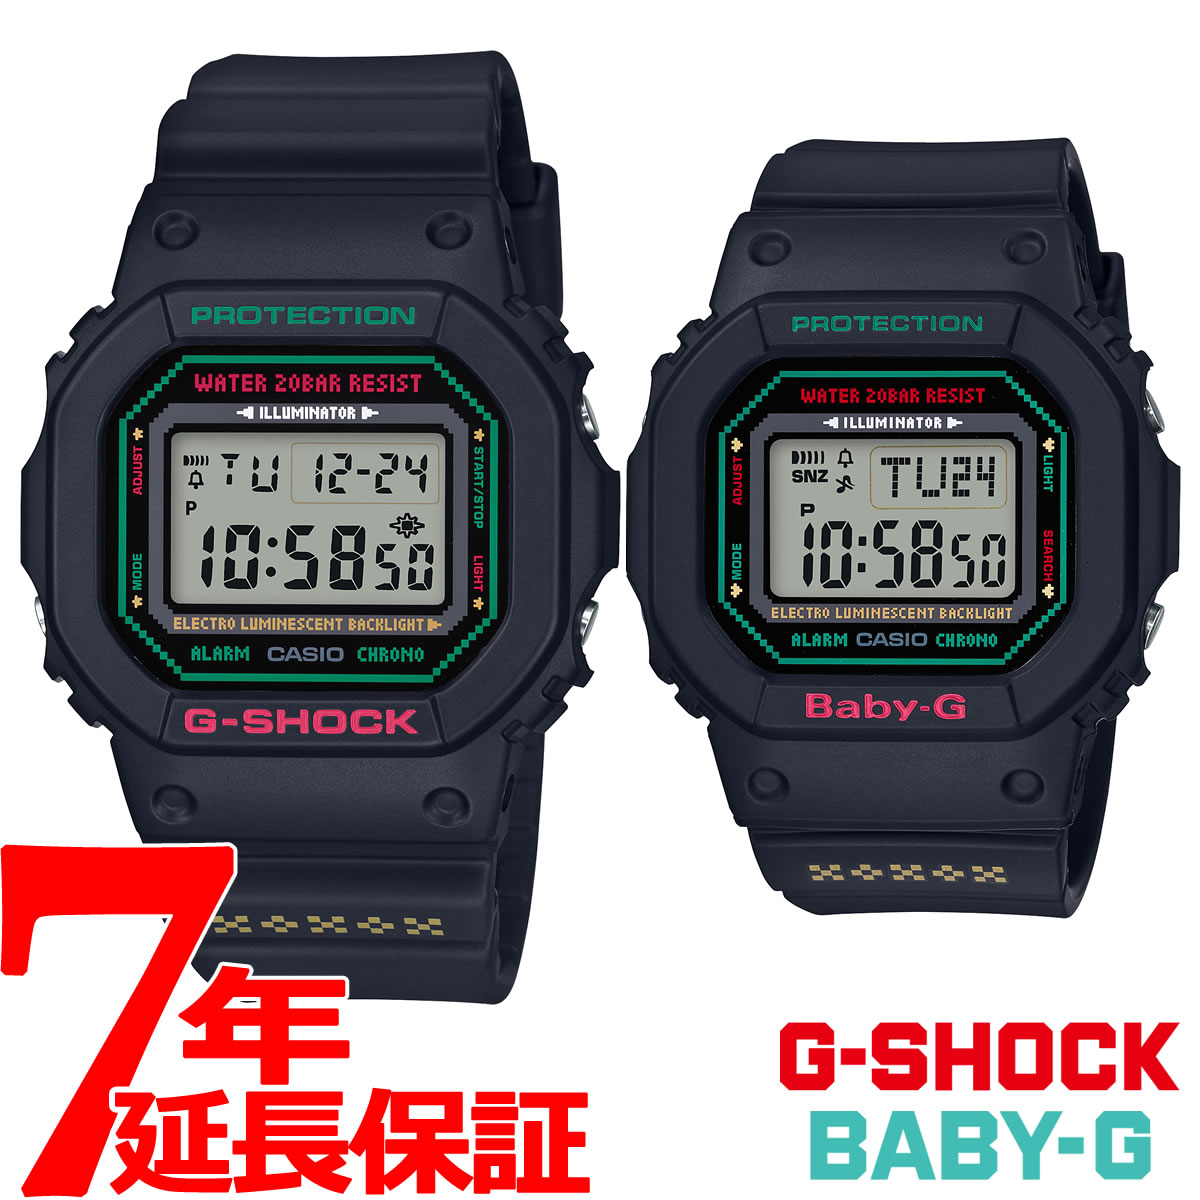 シオ CASIO ラバーズコレクション2019 クリスマス限定モデル Gショック G-SHOCK ベビーG BABY-G 腕時計 ペアウォッチ ラバコレ LOV-19B-1JR